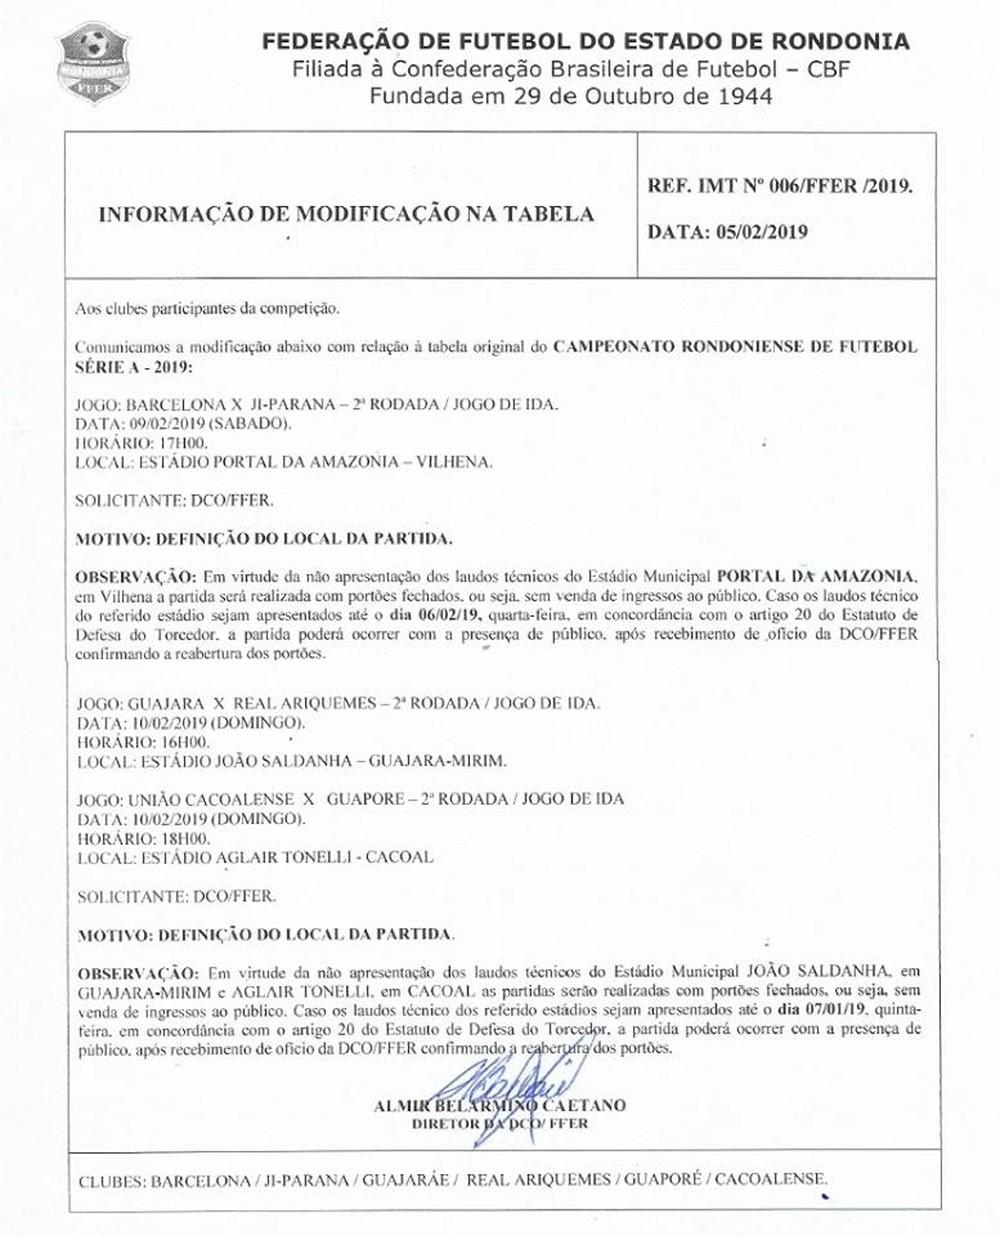 Federação de Futebol do Estado de Rondônia determina portões fechados em 3 jogos da 2ª rodada (Foto:  FFER/ Reprodução)